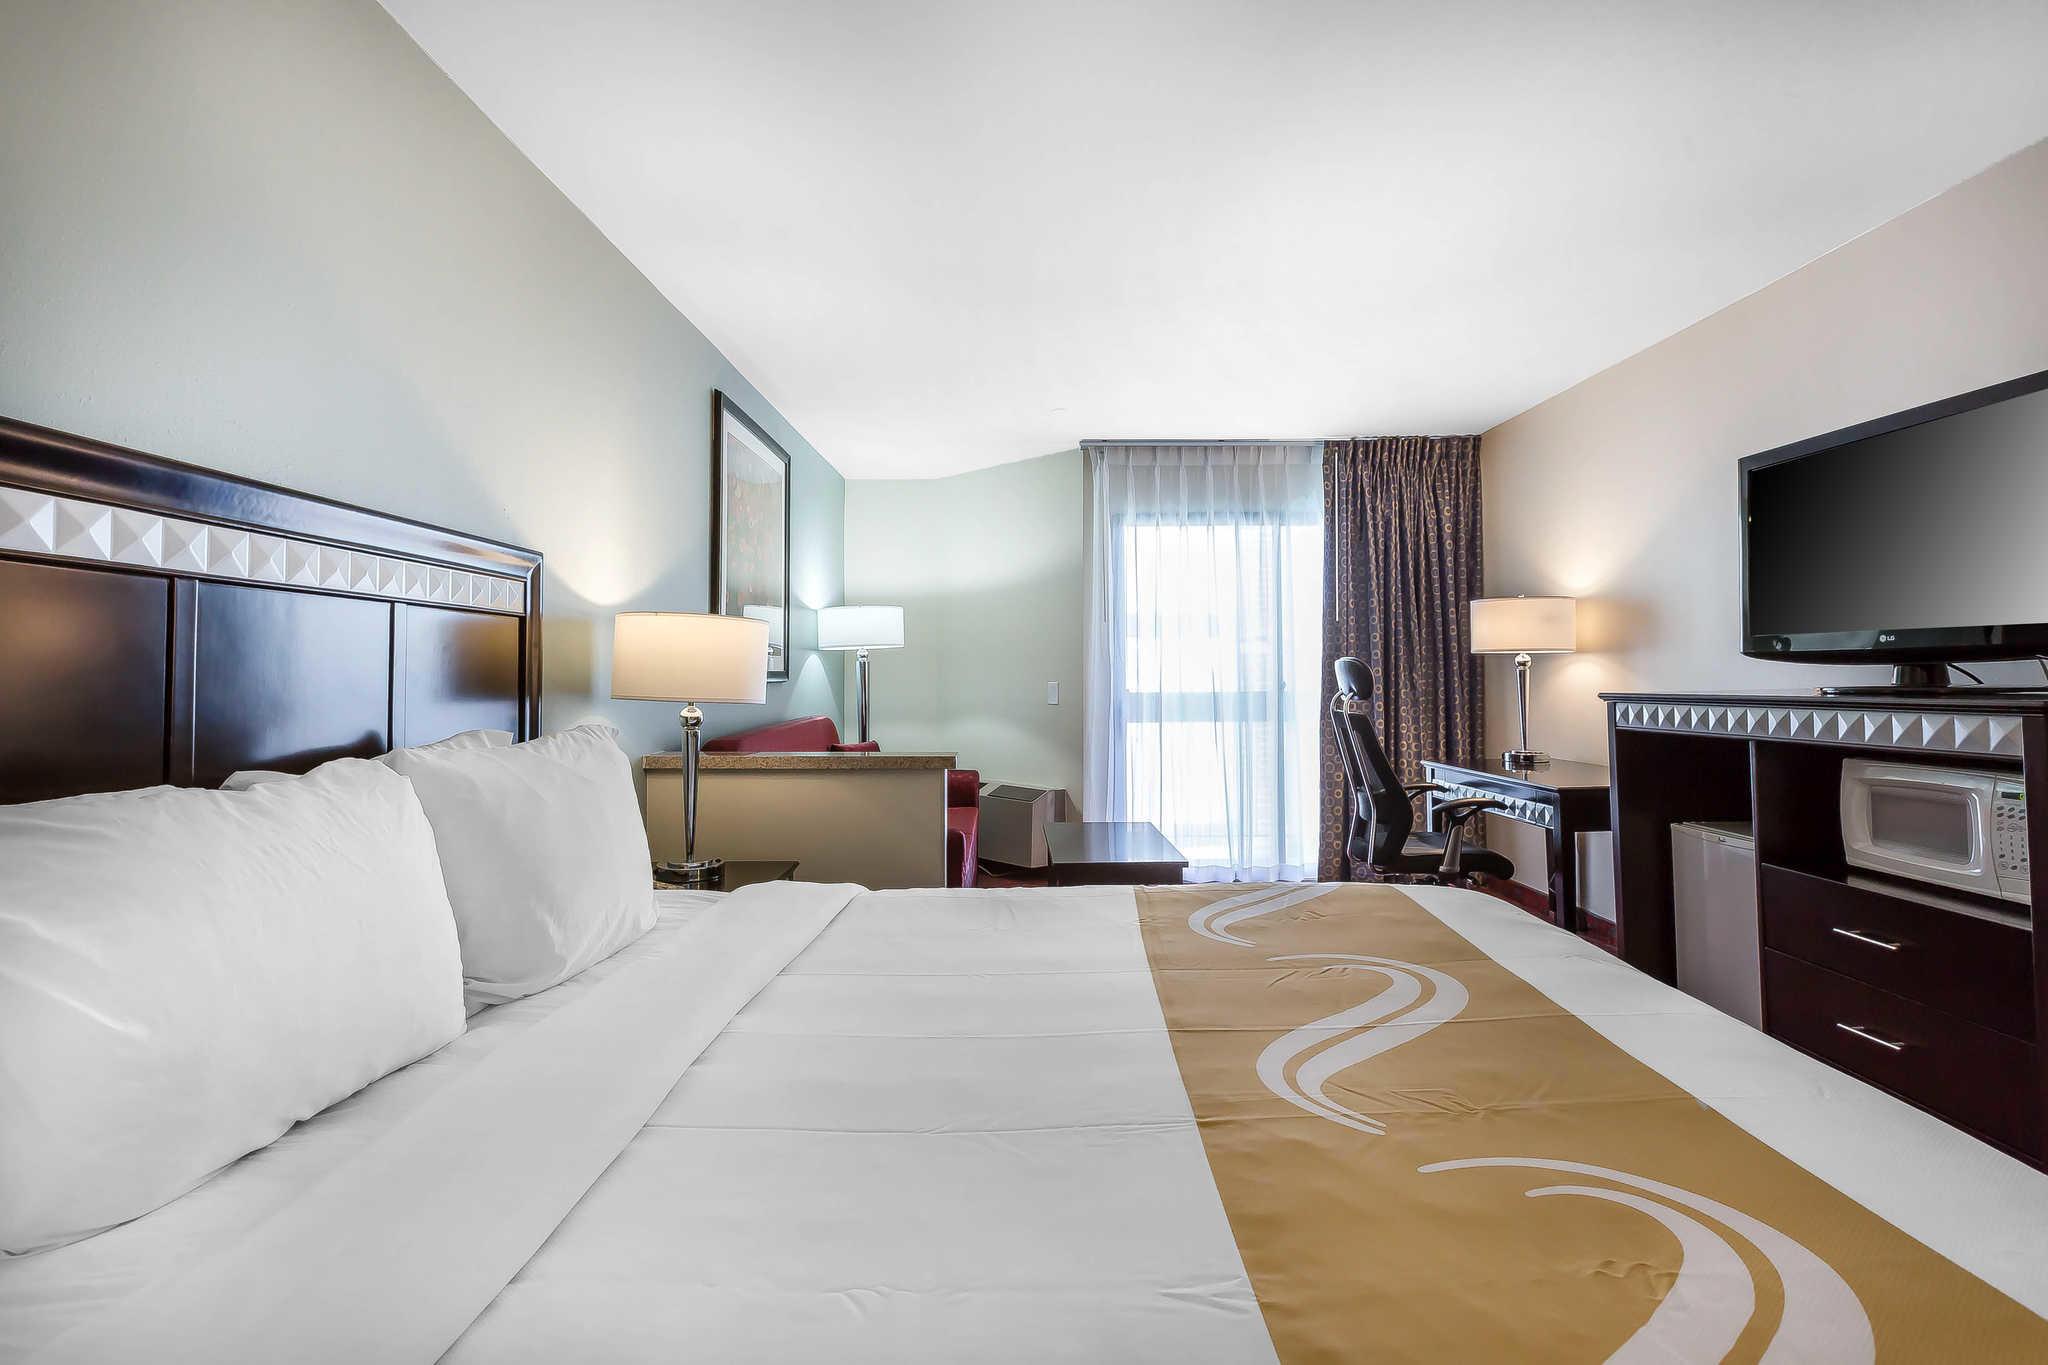 Quality Inn & Suites Irvine Spectrum image 29